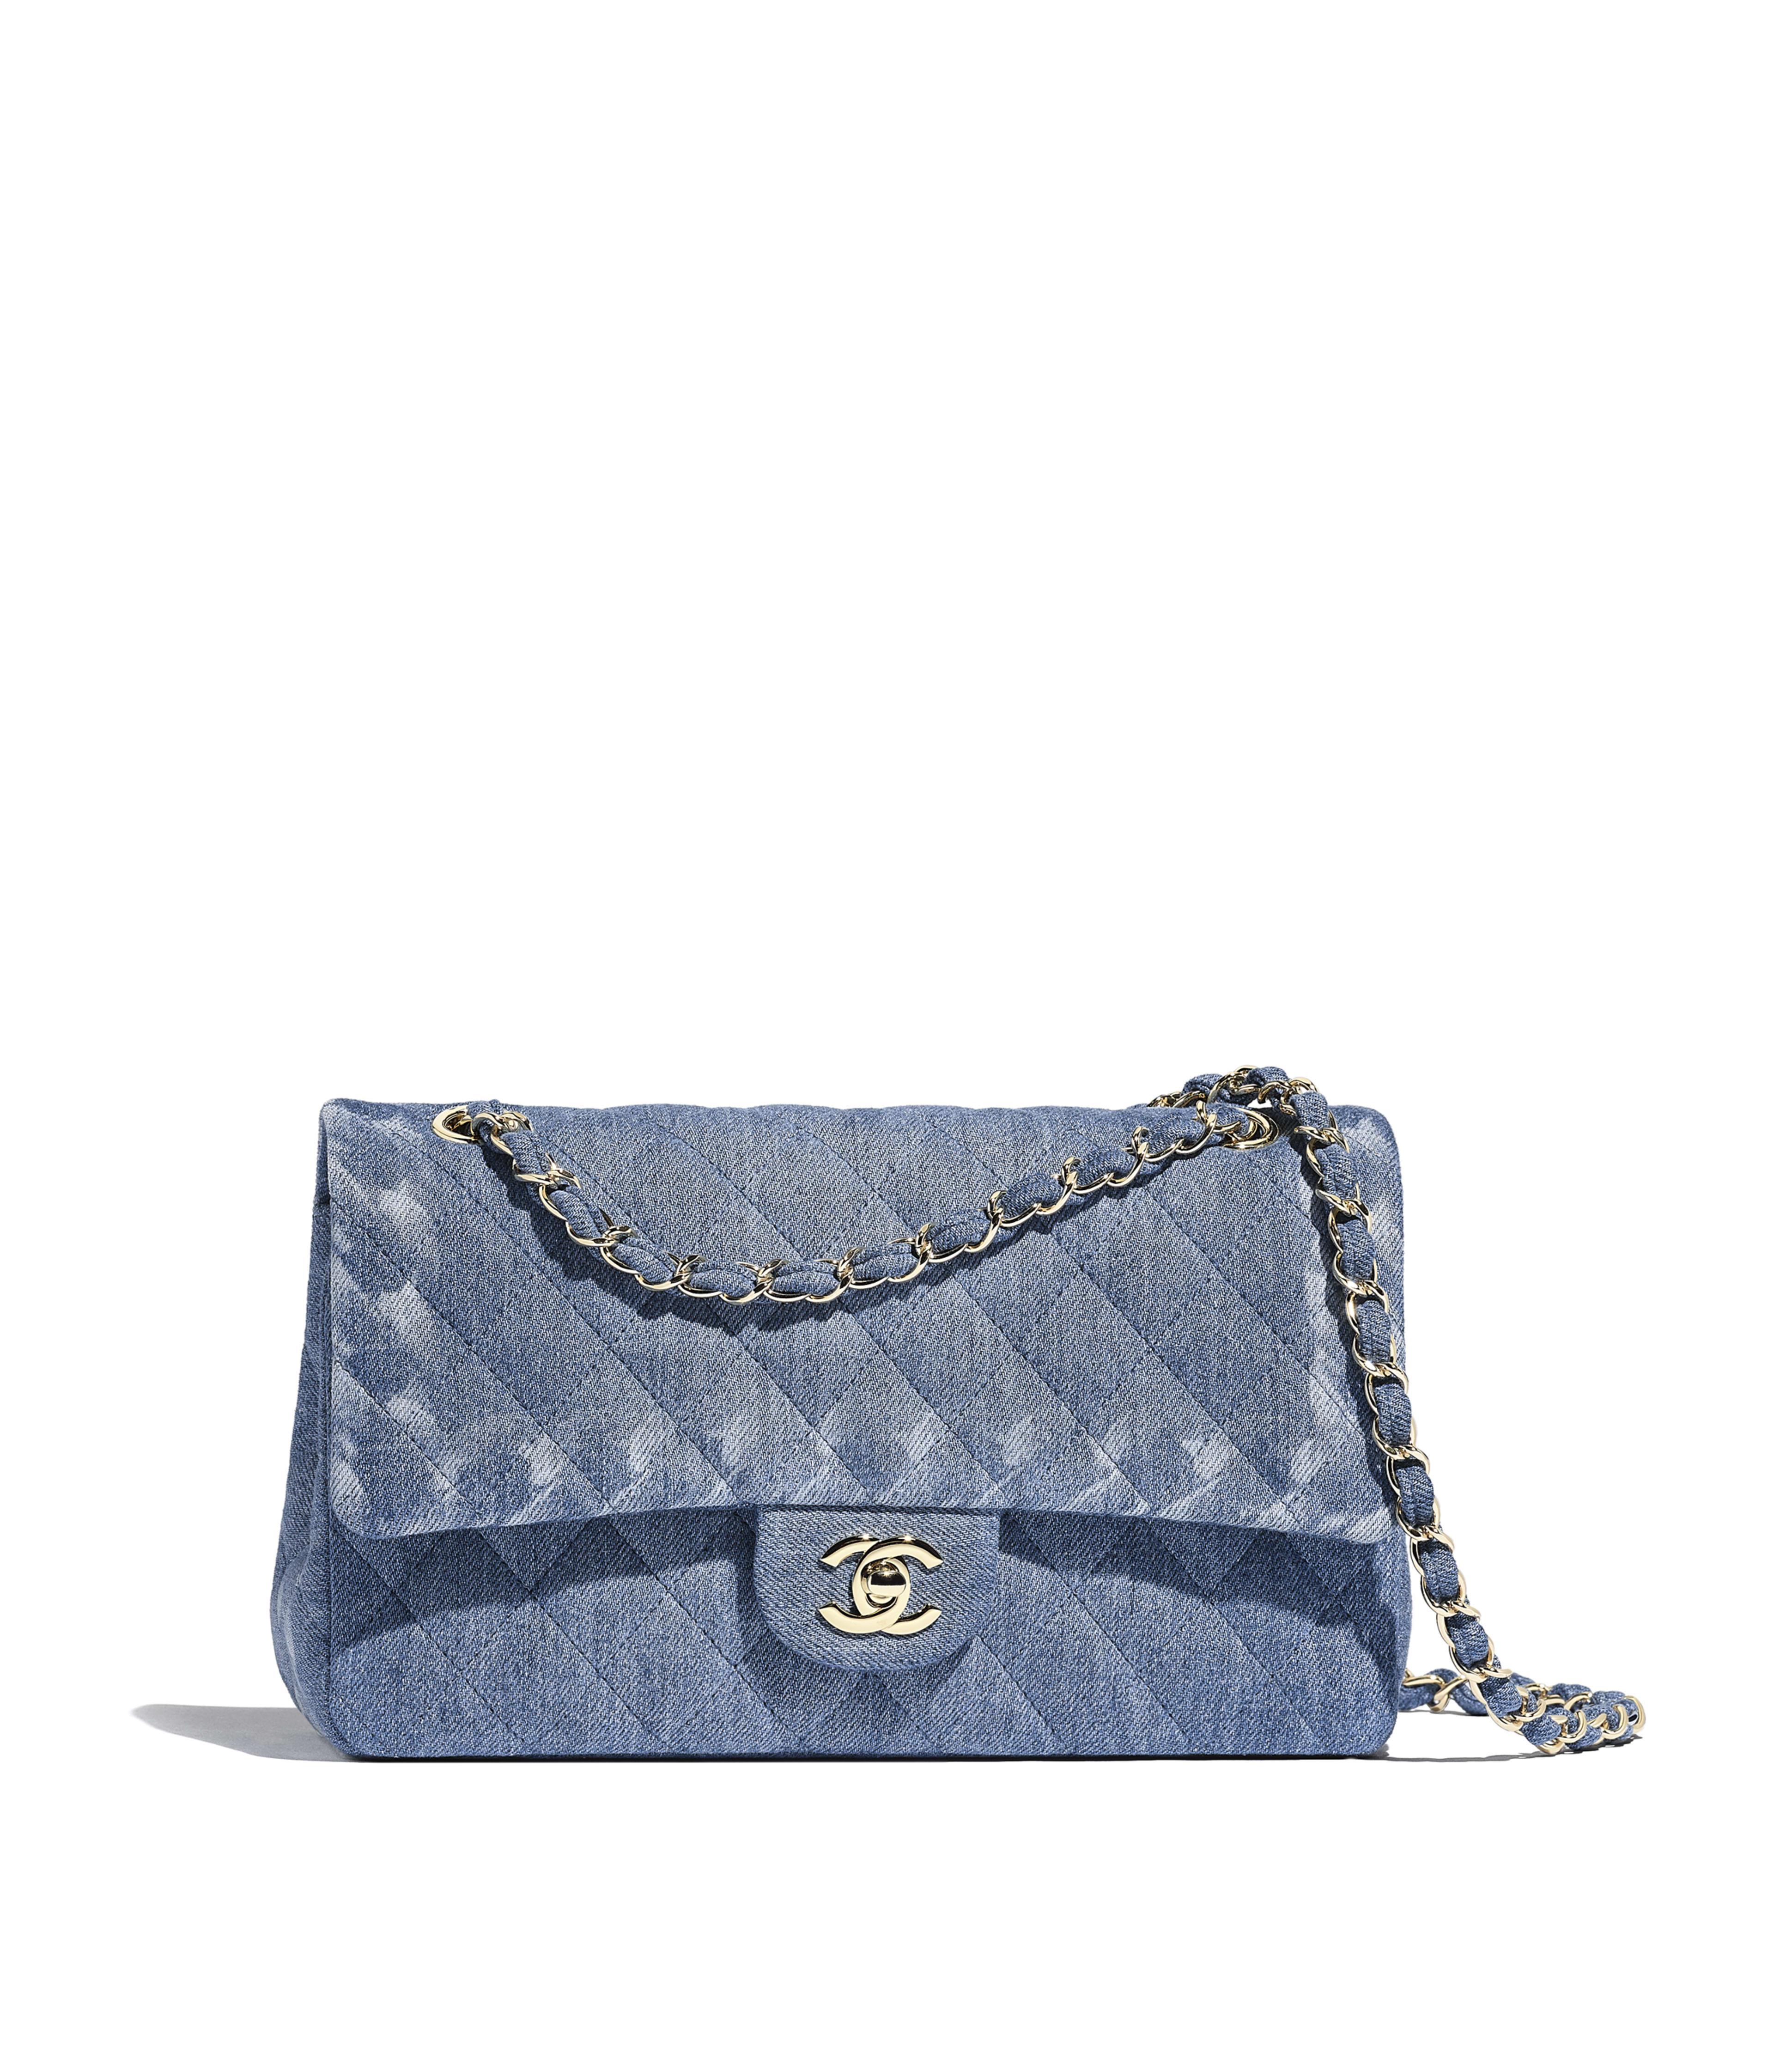 22847a56b98c4 Classic Handbag Denim   Gold-Tone Metal